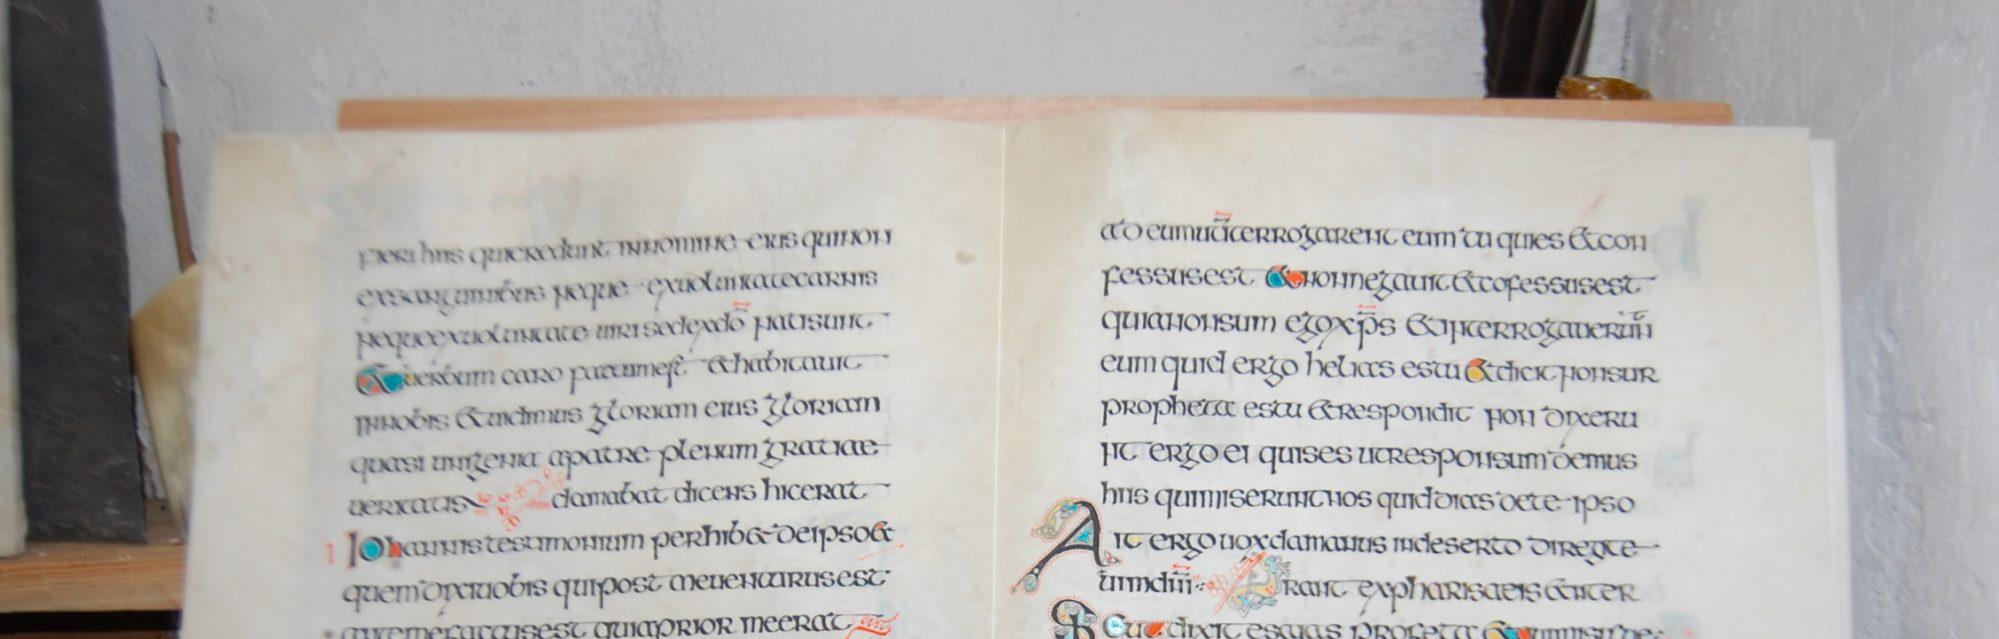 scribalstyles